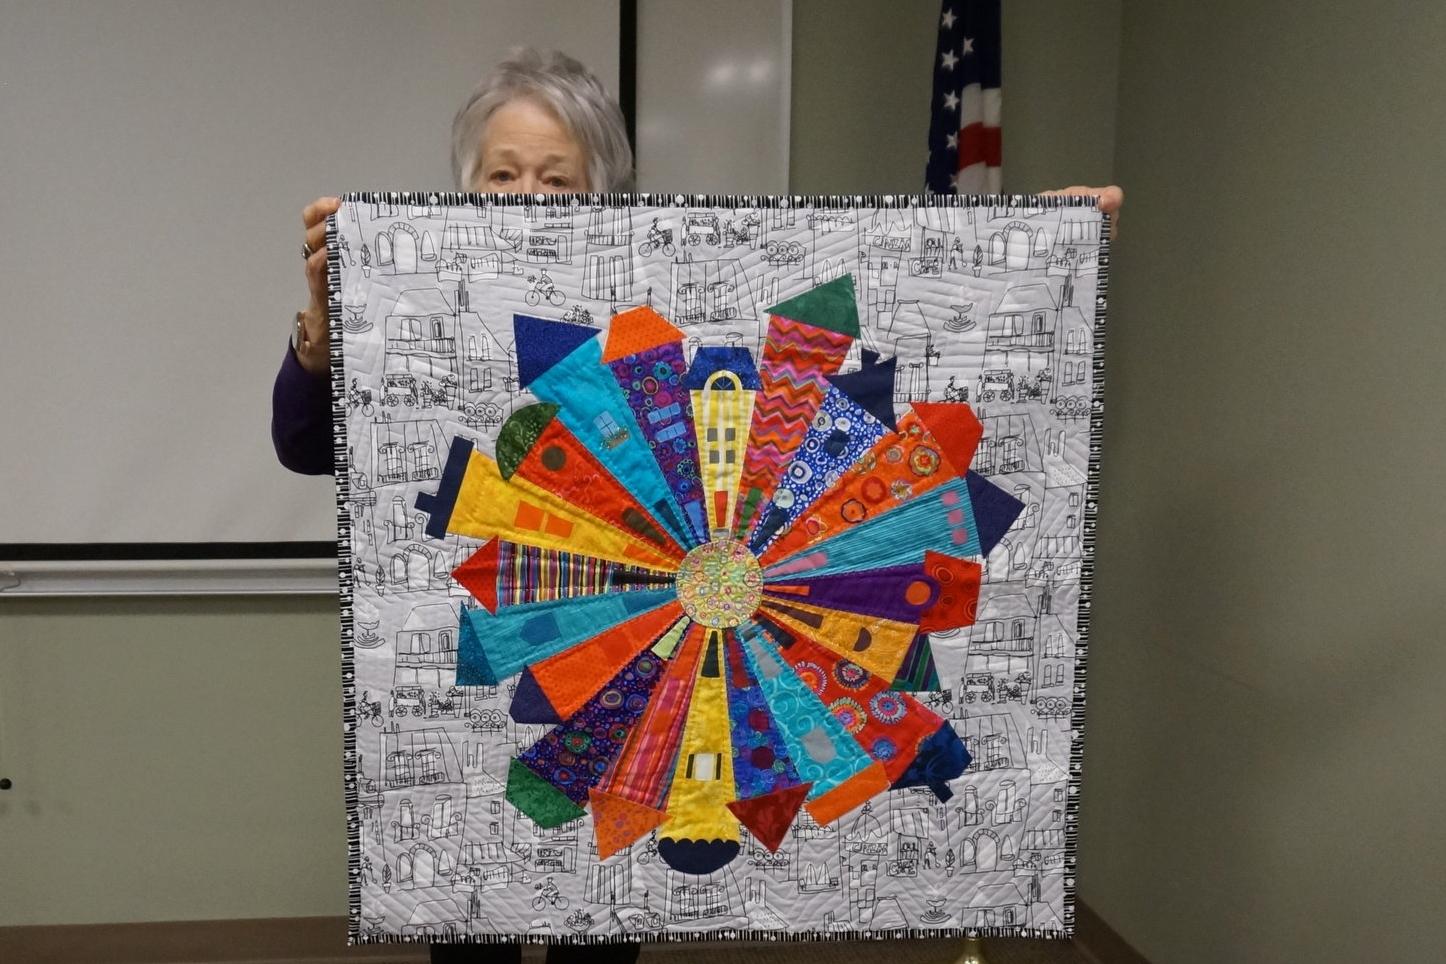 - Suellen's recent quilt is a modern take on the dresden plate—the Dresden Neighborhood.